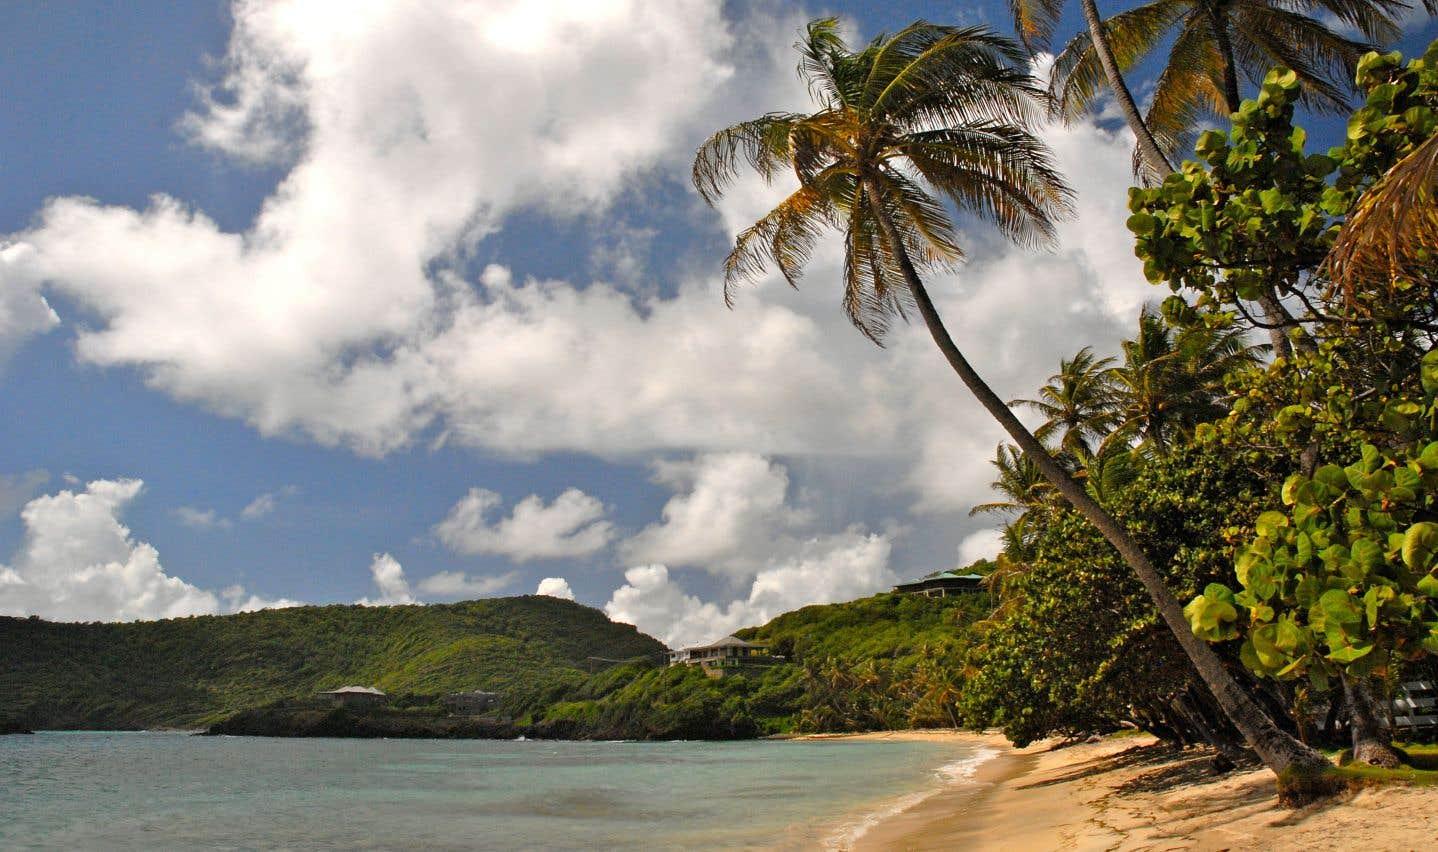 Que reste-t-il des Caraïbes?